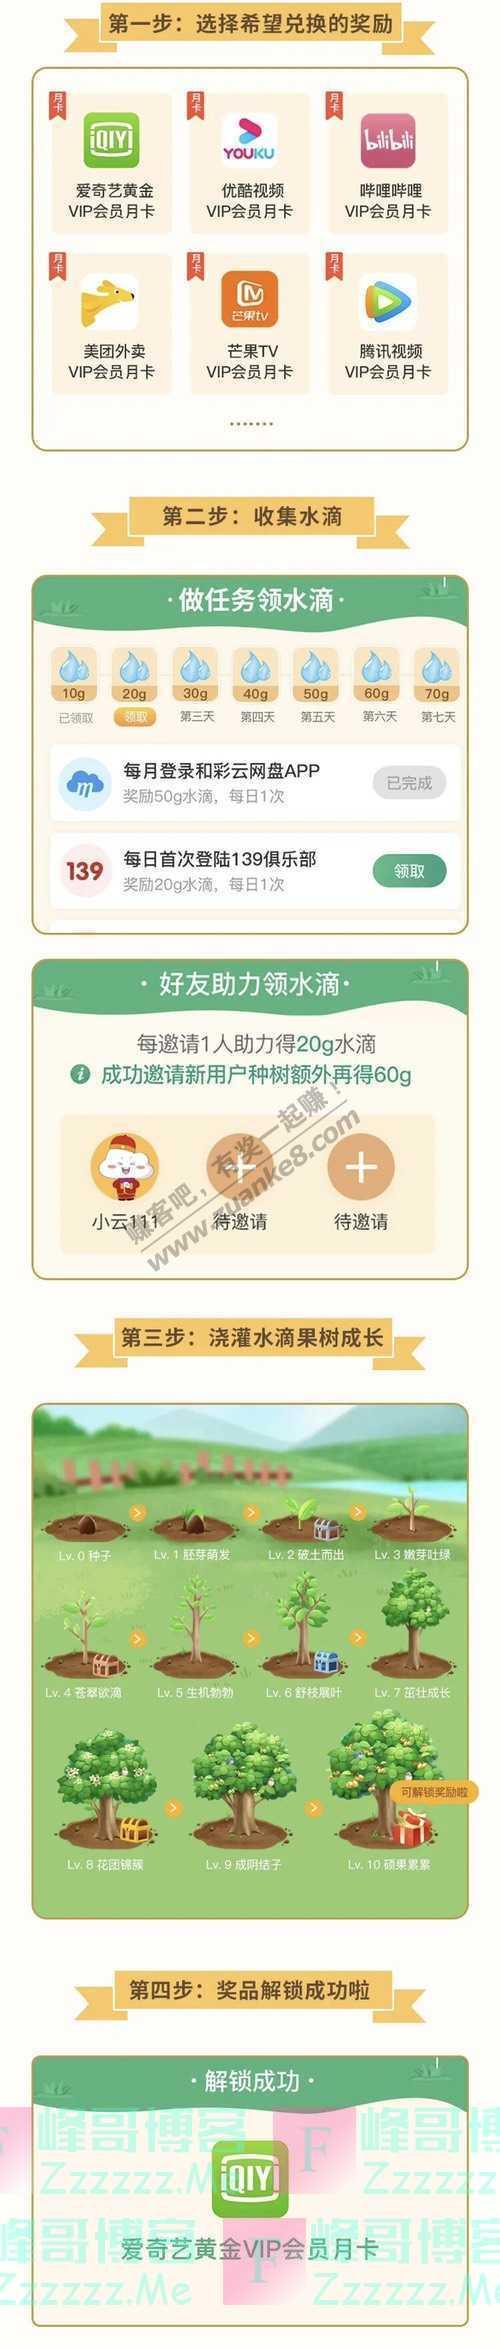 """中国移动和彩云一起""""云种树"""",视频会员卡送不停(截止不详)"""